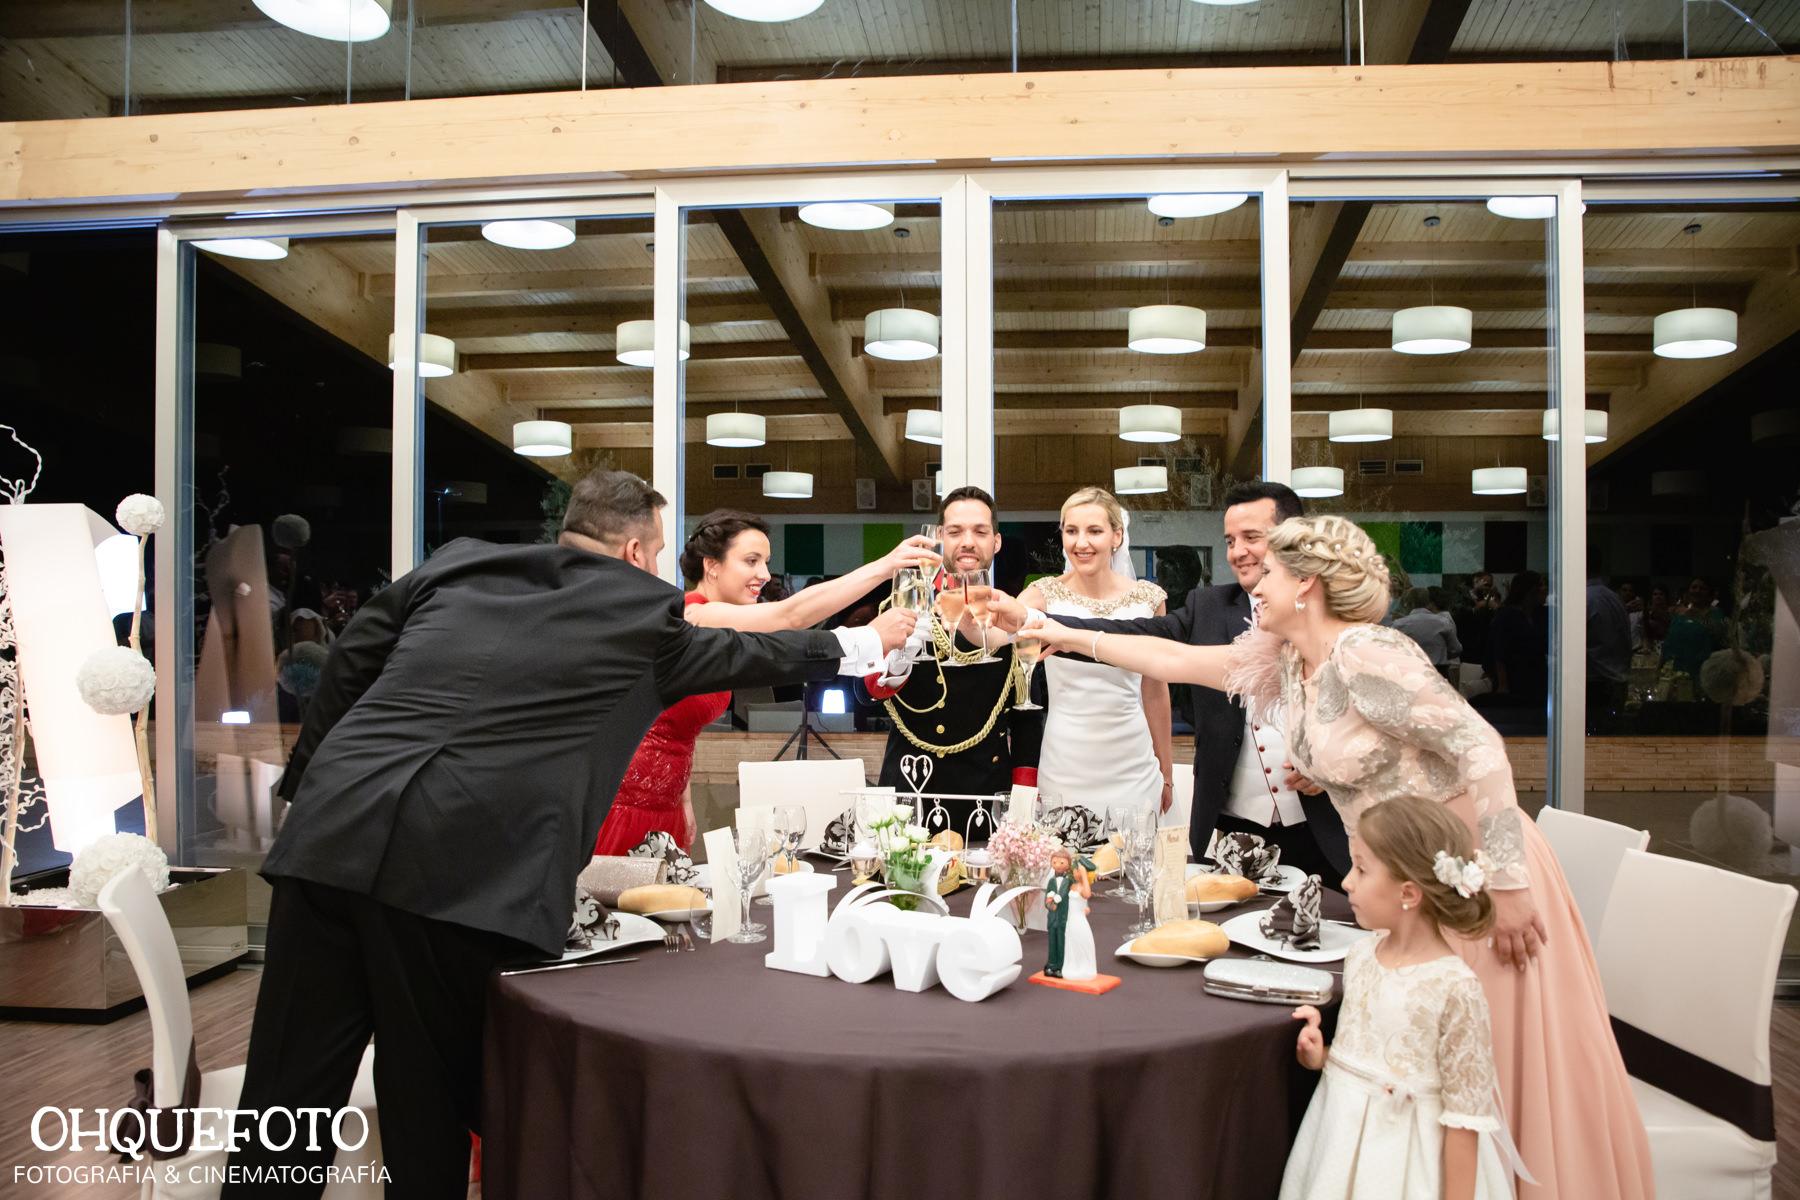 boda en la peraleda boda en cabeza del buey boda en capilla reportaje de bodas en almaden video de bodas en cordoba479 - Jose y Gema - Boda en Zarza Capilla y la Finca La Peraleda (Chillón)